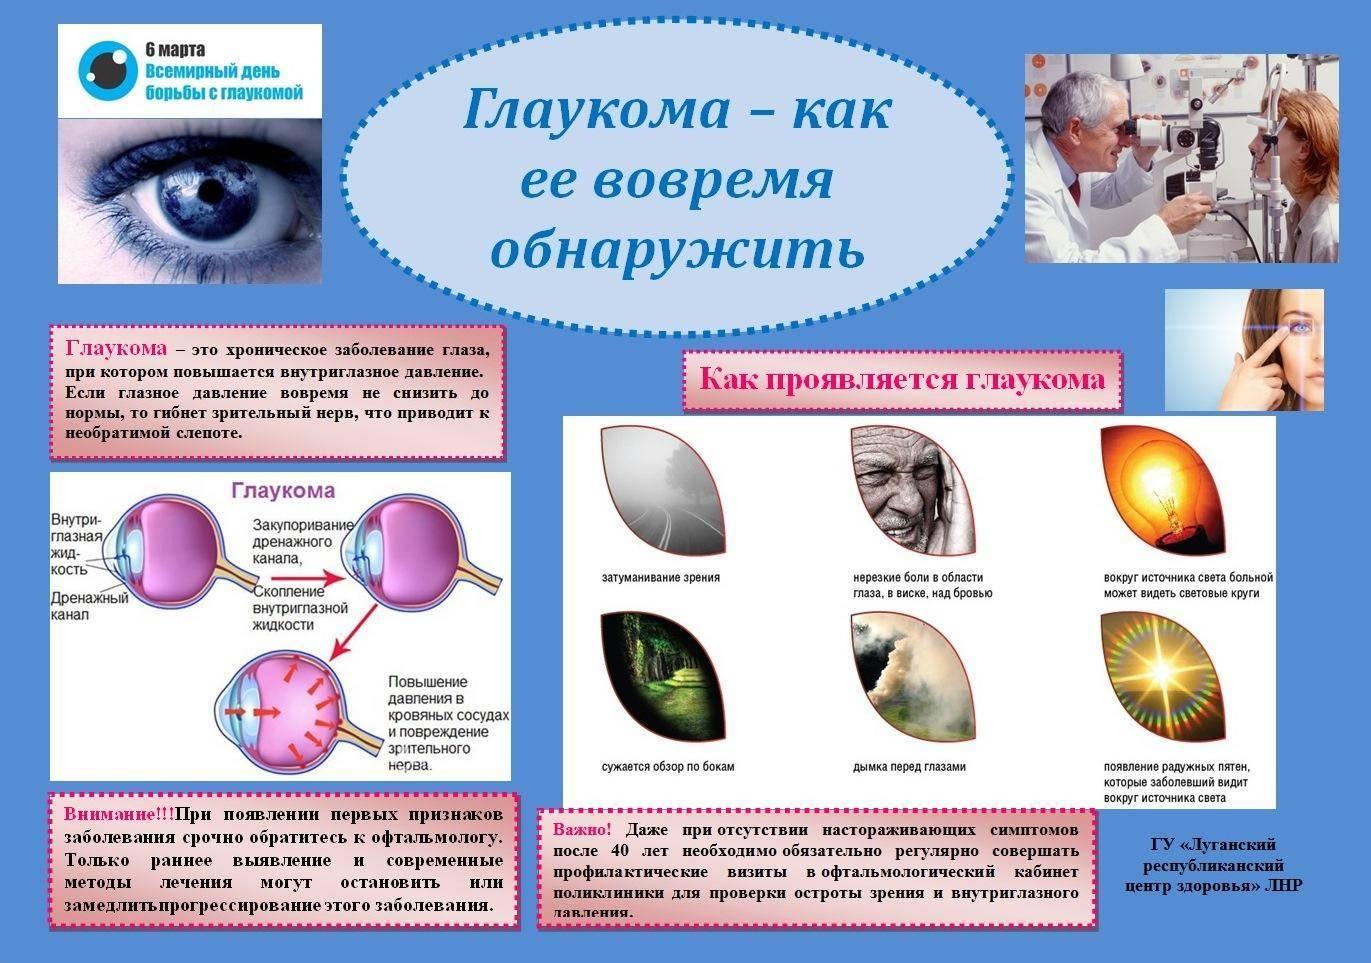 Глаукома: эффективное лечение глаукомы народными средствами, рекомендации от специалистов